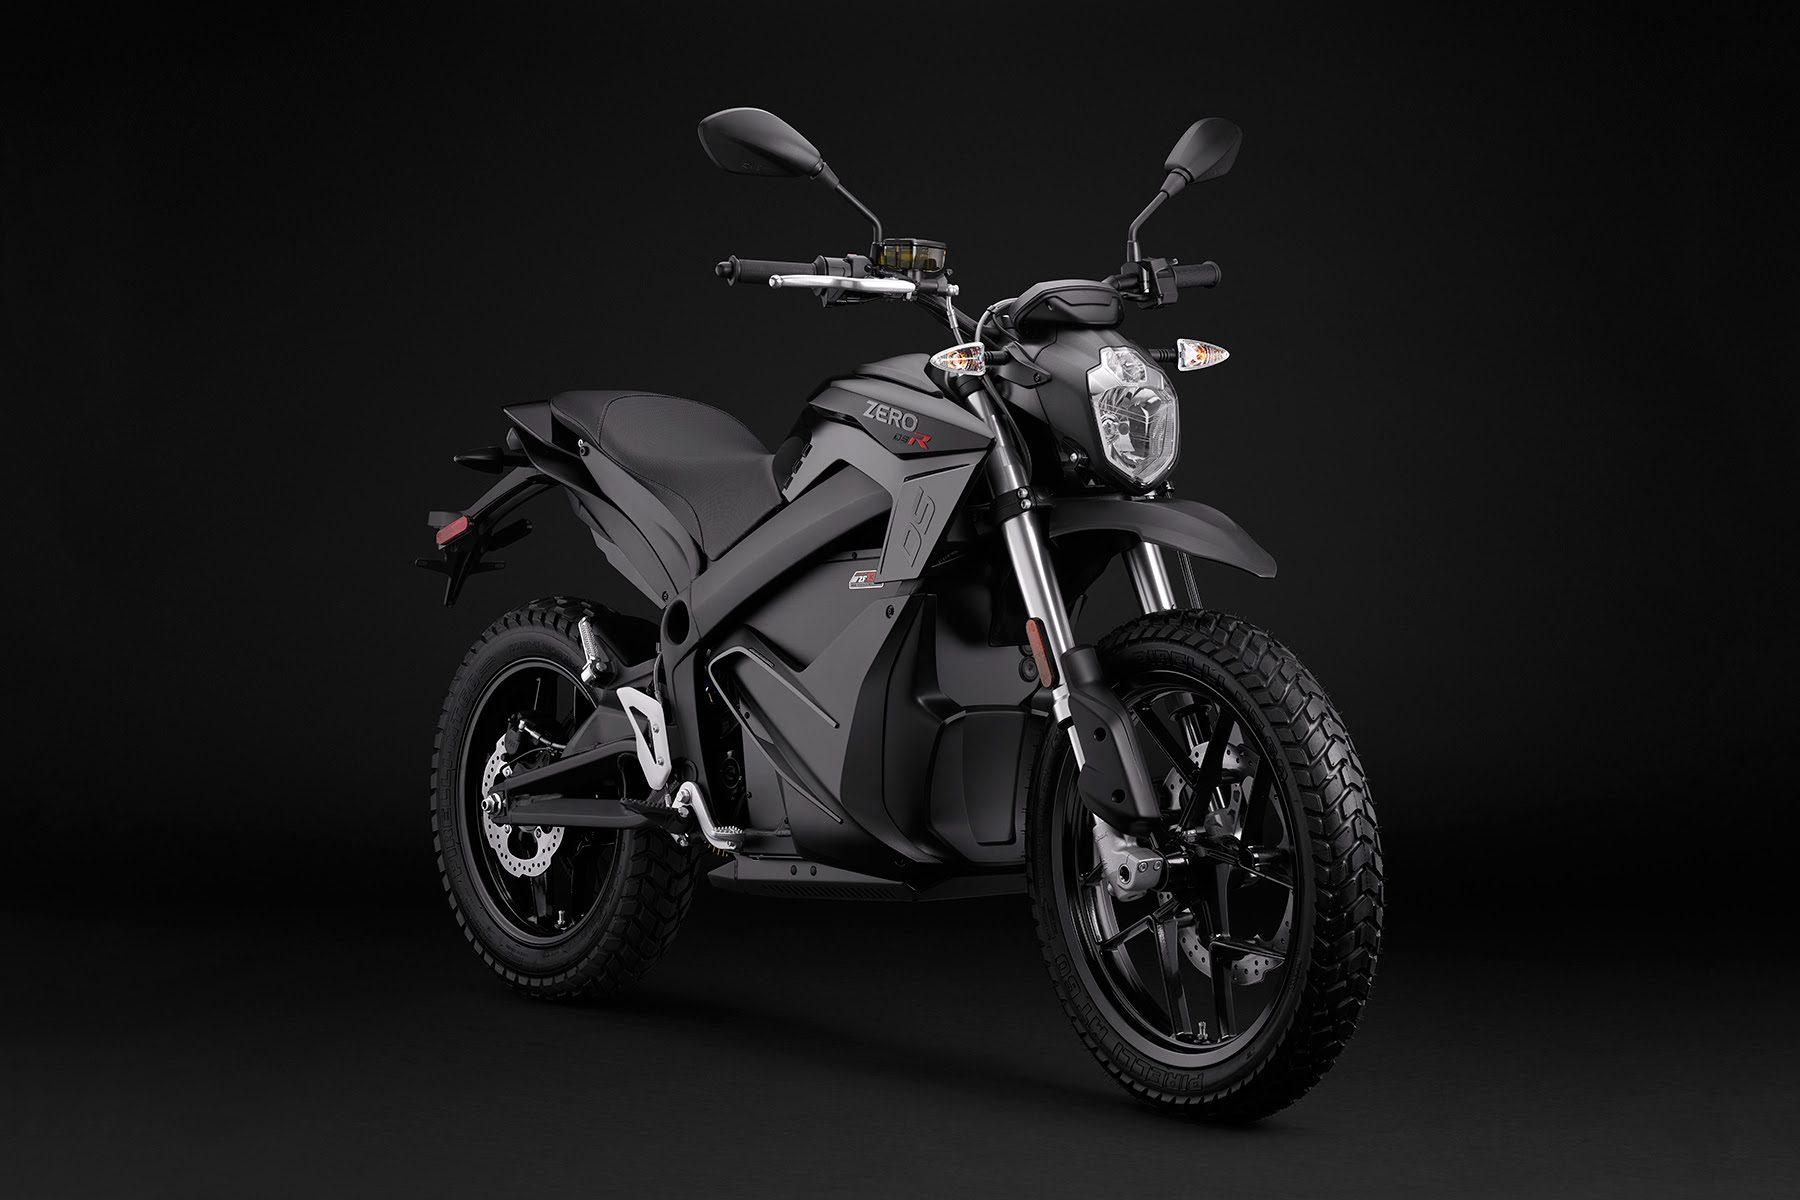 Nieuwe Zero modellen voor 2016